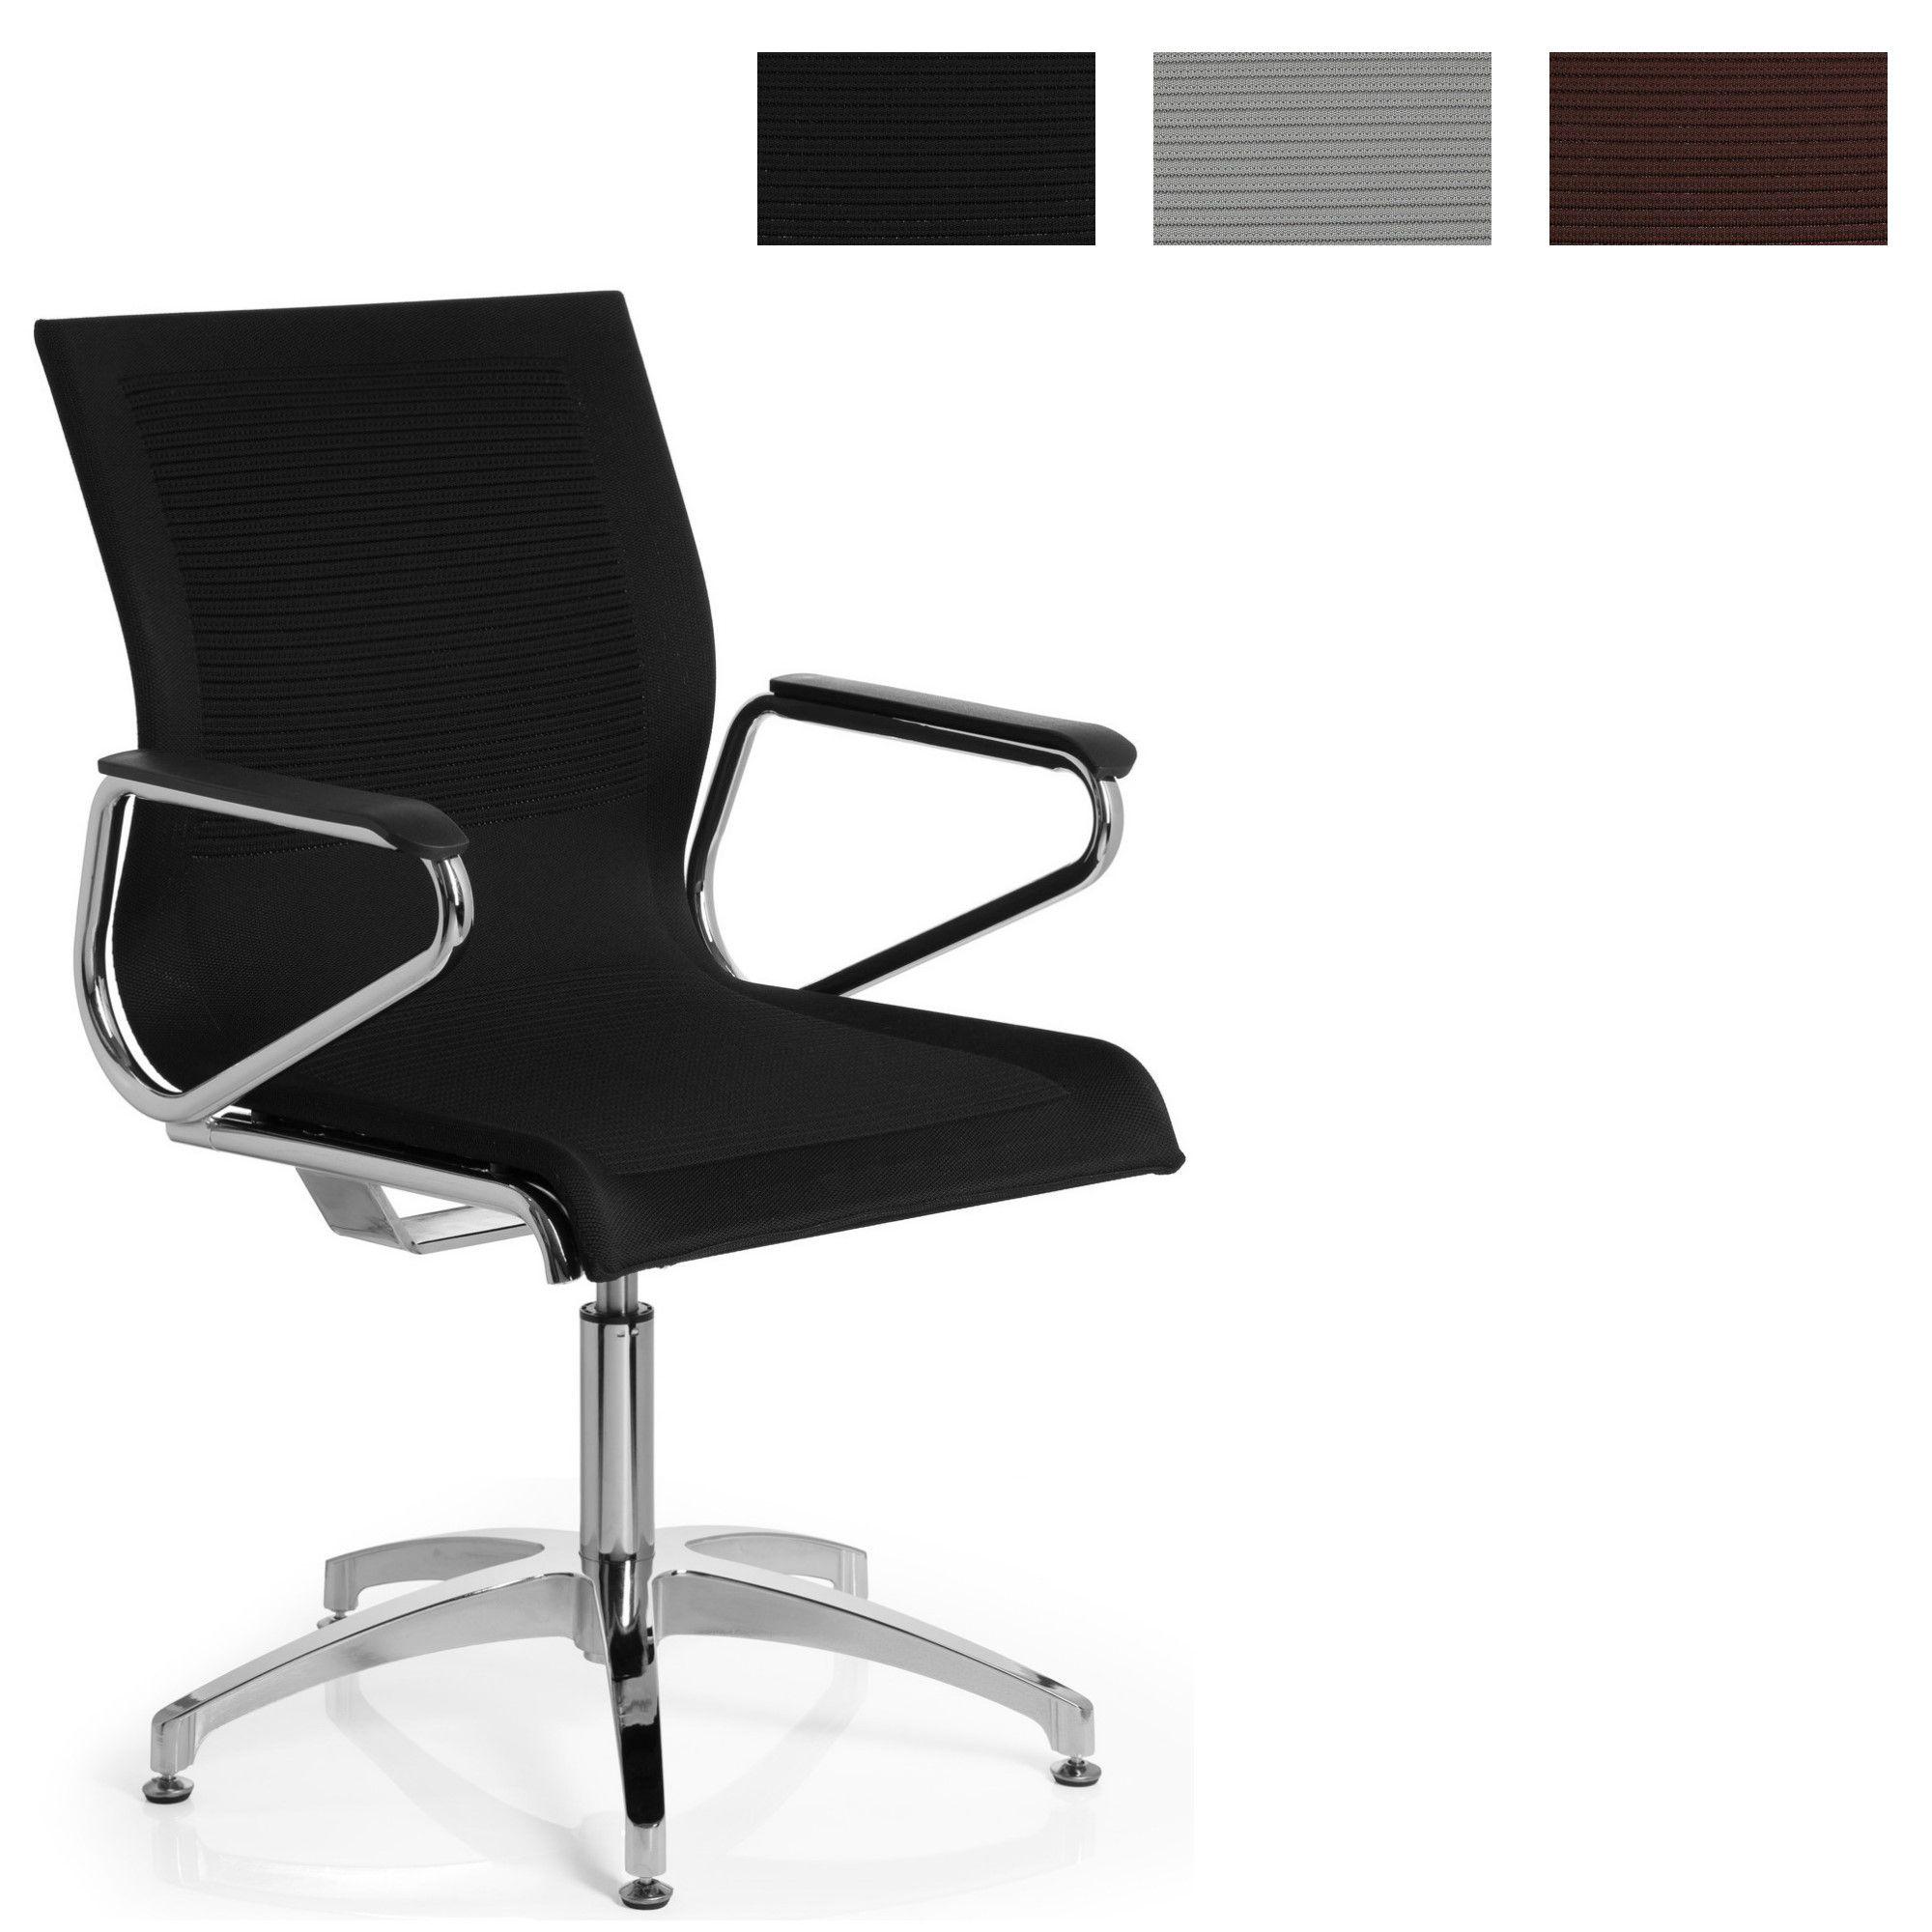 Außergewöhnlich Schreibtischstuhl Ohne Rollen Ideen Von Ihre Einkaufsvorteile Bei Uns